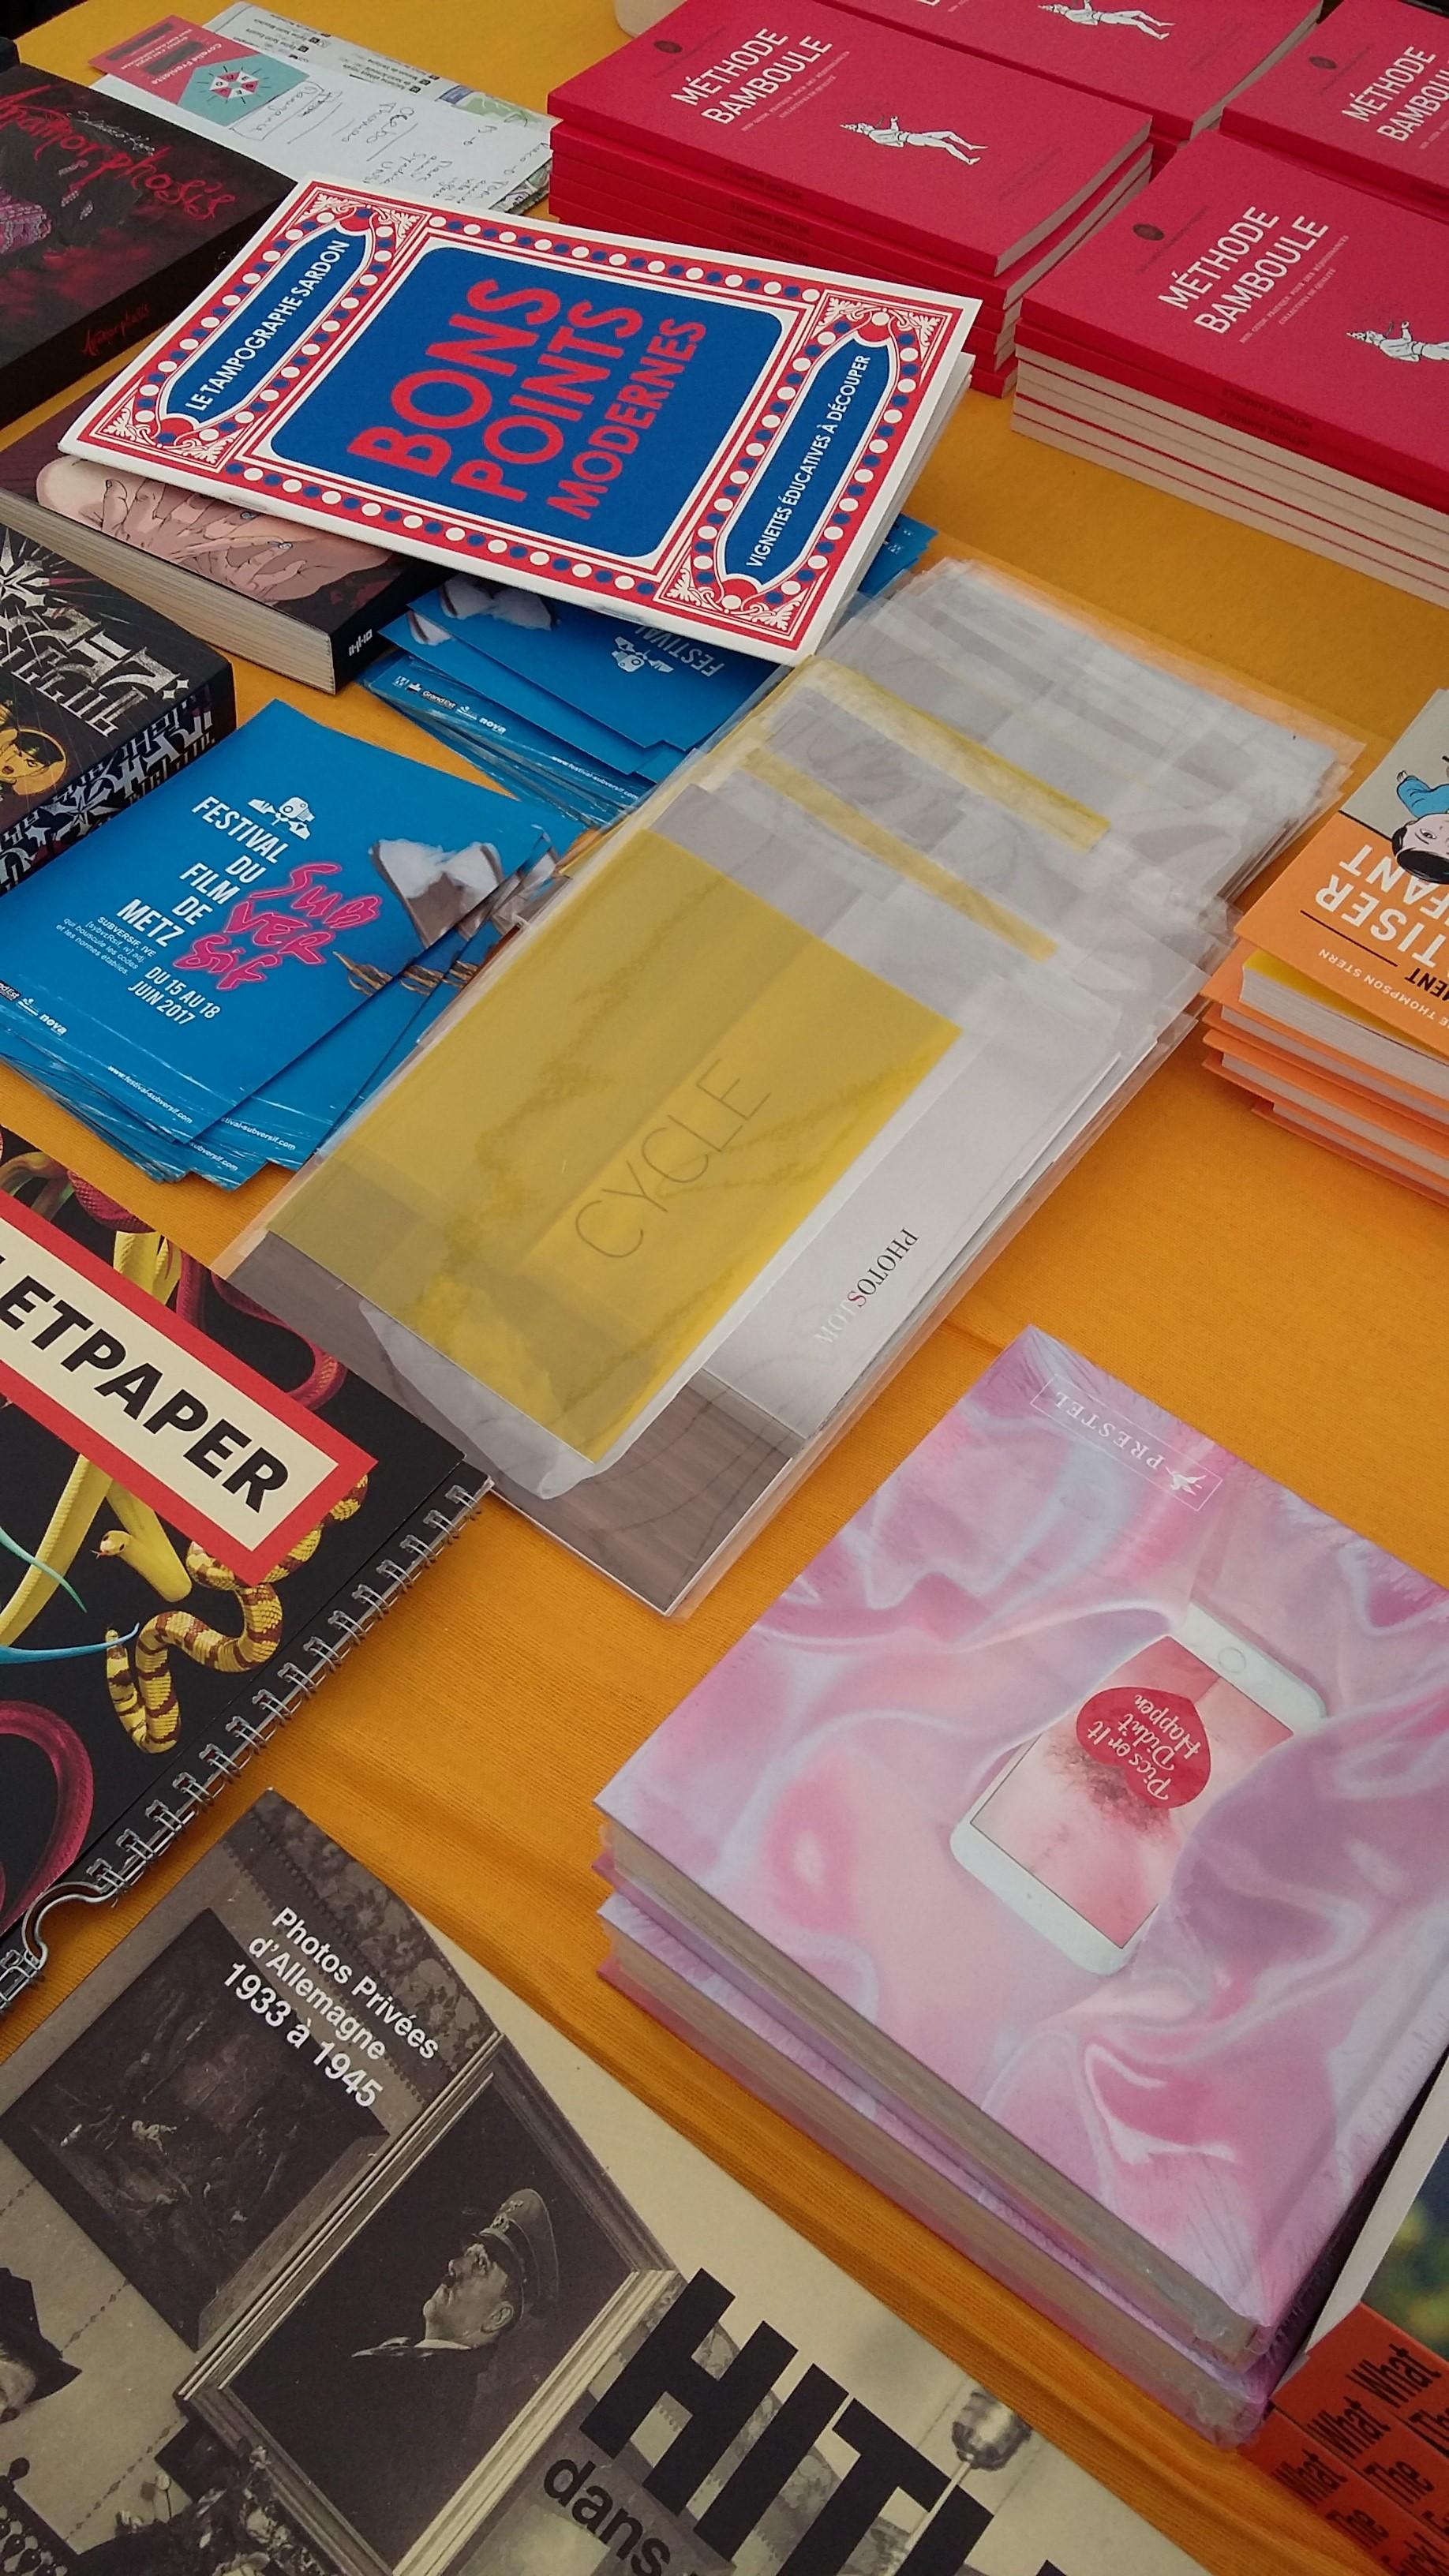 veronique-l-hoste-festival-du-livre-metz-stand-carre-des-bulles-avril2017